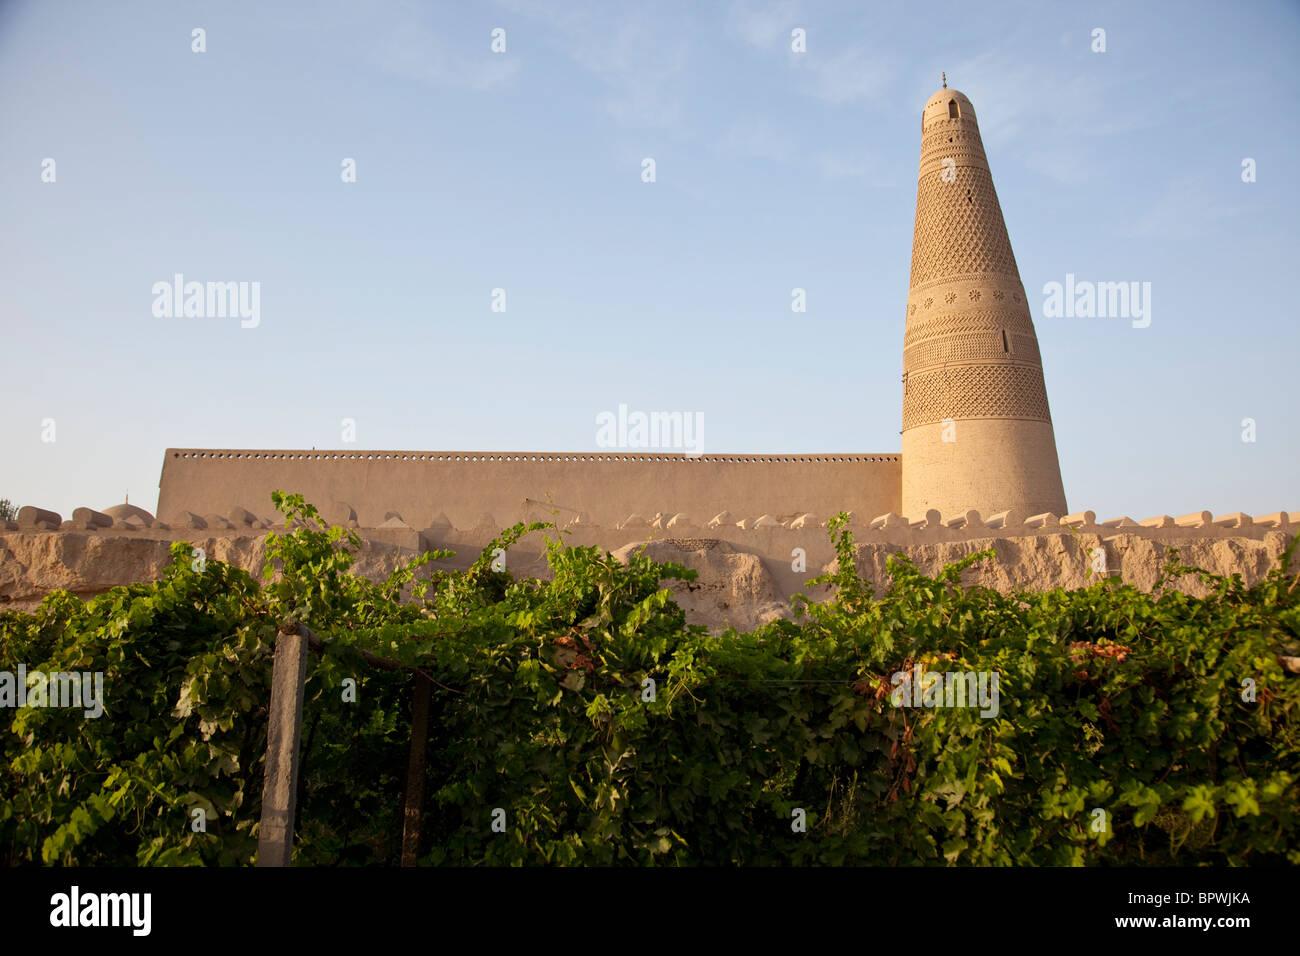 Emin Minaret in Turpan, Xinjiang, China. - Stock Image